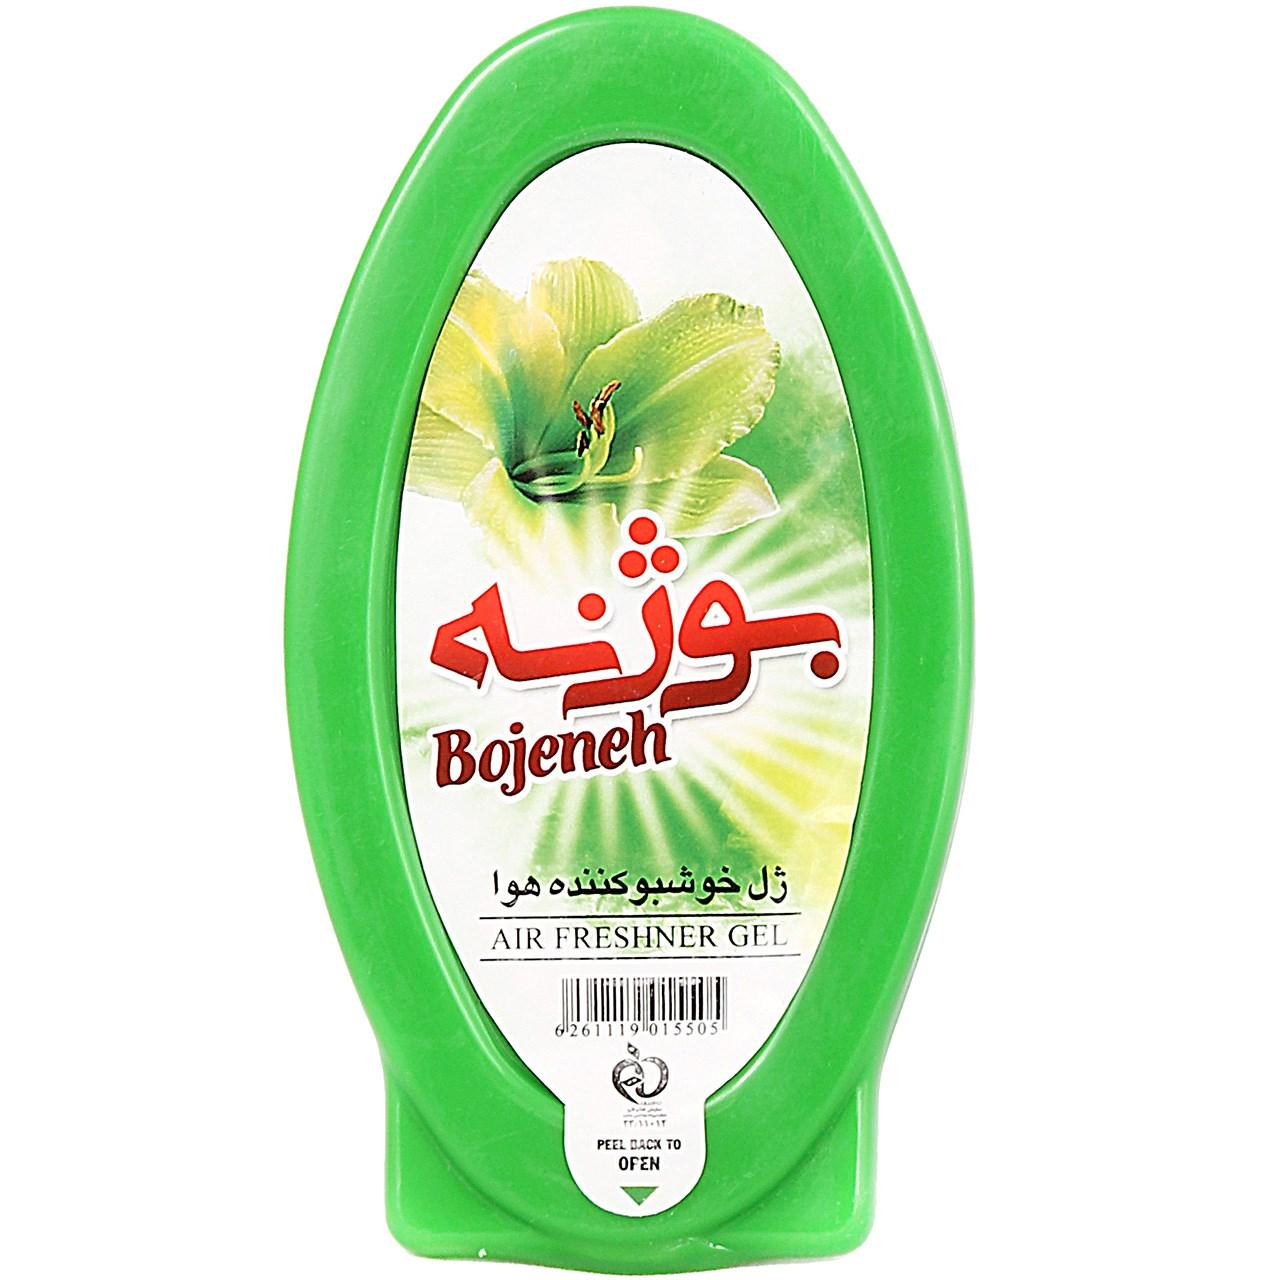 ژل خوشبو کننده هوا سبز بوژنه حجم 150 گرم